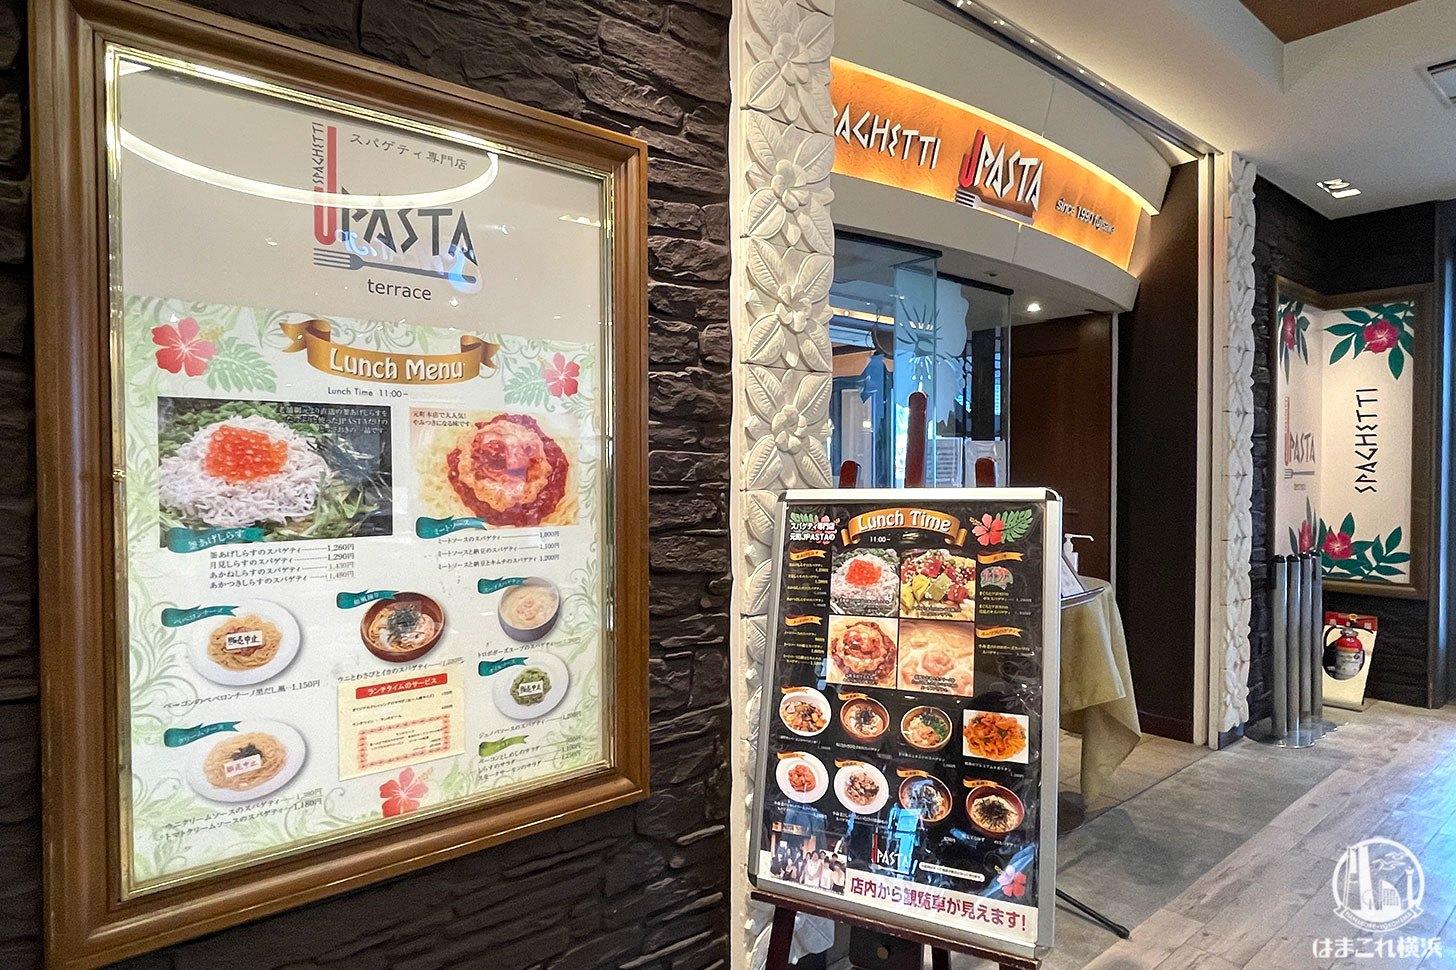 ジェイパスタテラス クイーンズスクエア横浜店